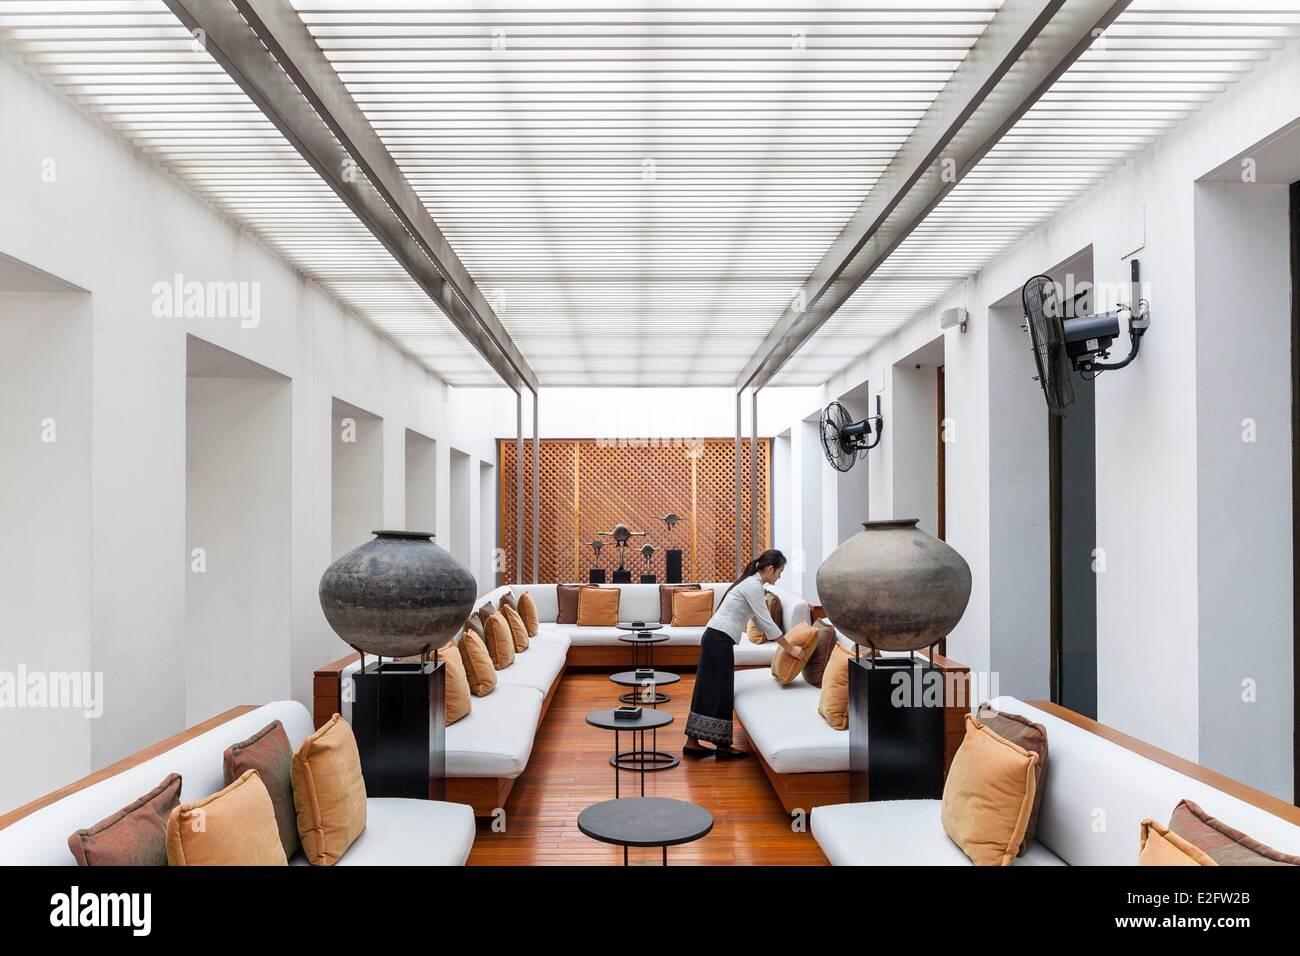 Thailand Bangkok Sukhothai luxury hotel designed by architect Kerry ...